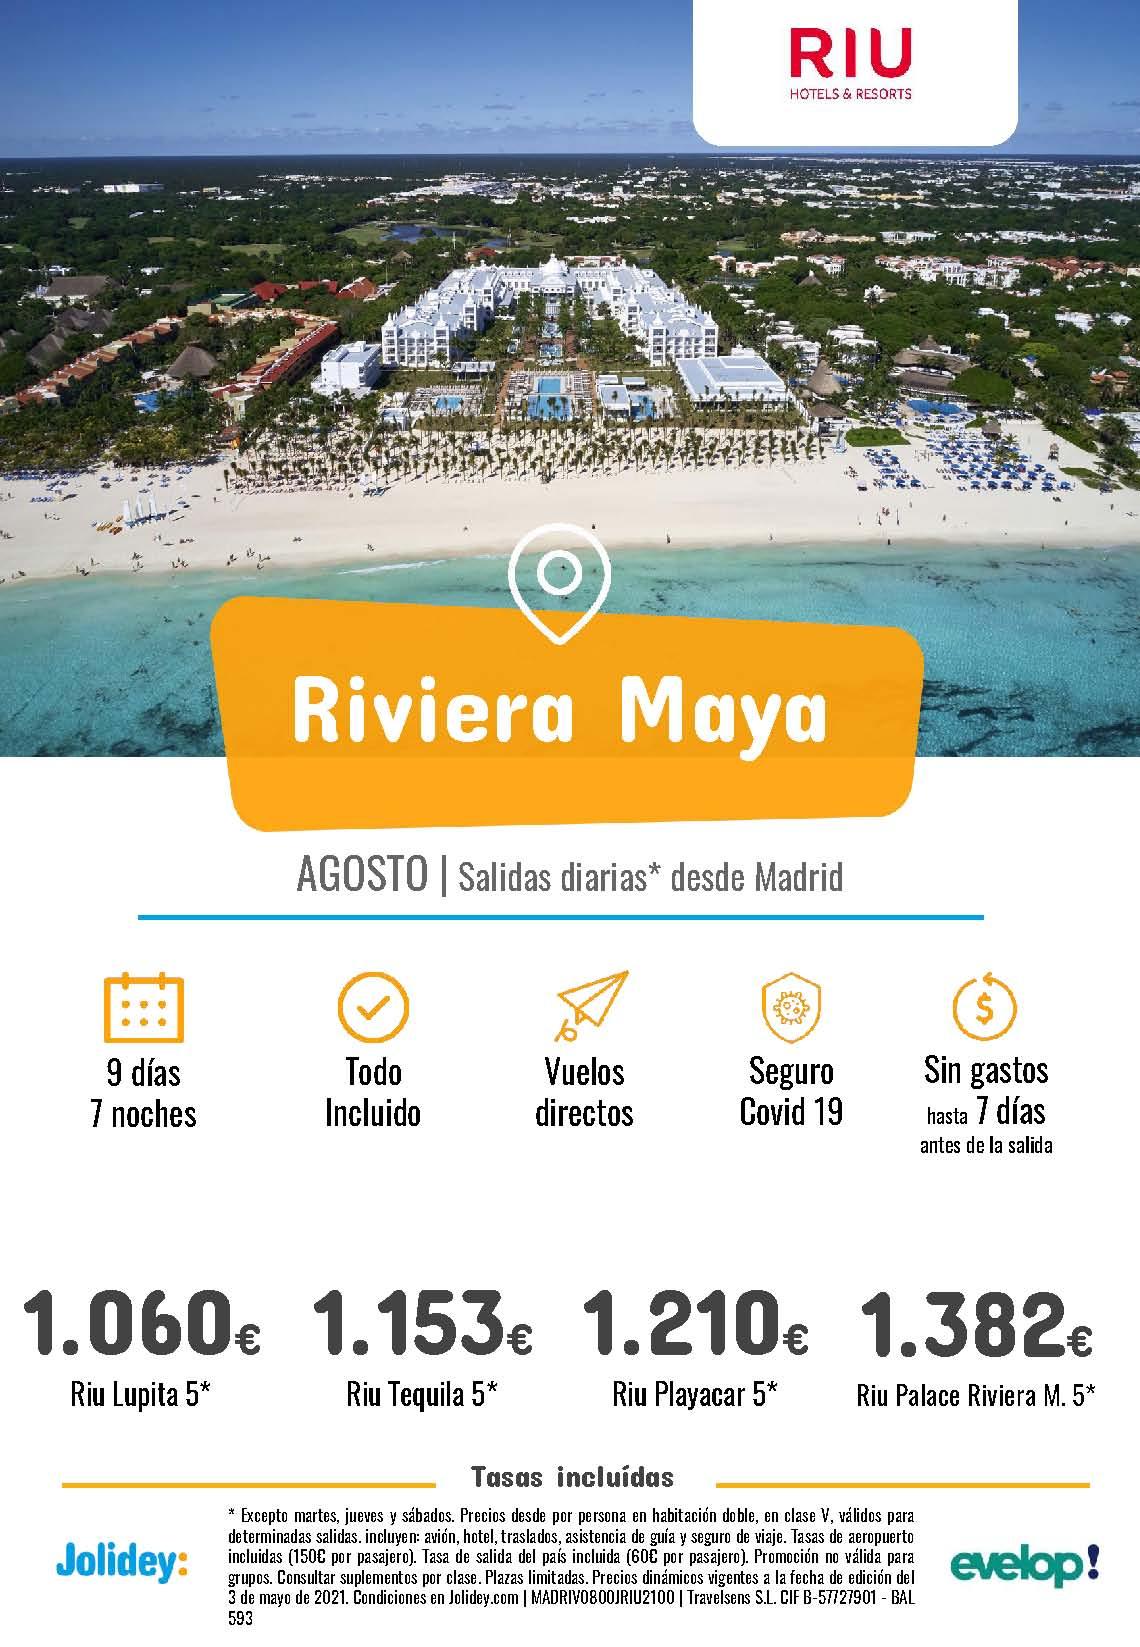 Ofertas Jolidey Riviera Maya en Hoteles Riu Agosto 2021 vuelo directo desde Madrid